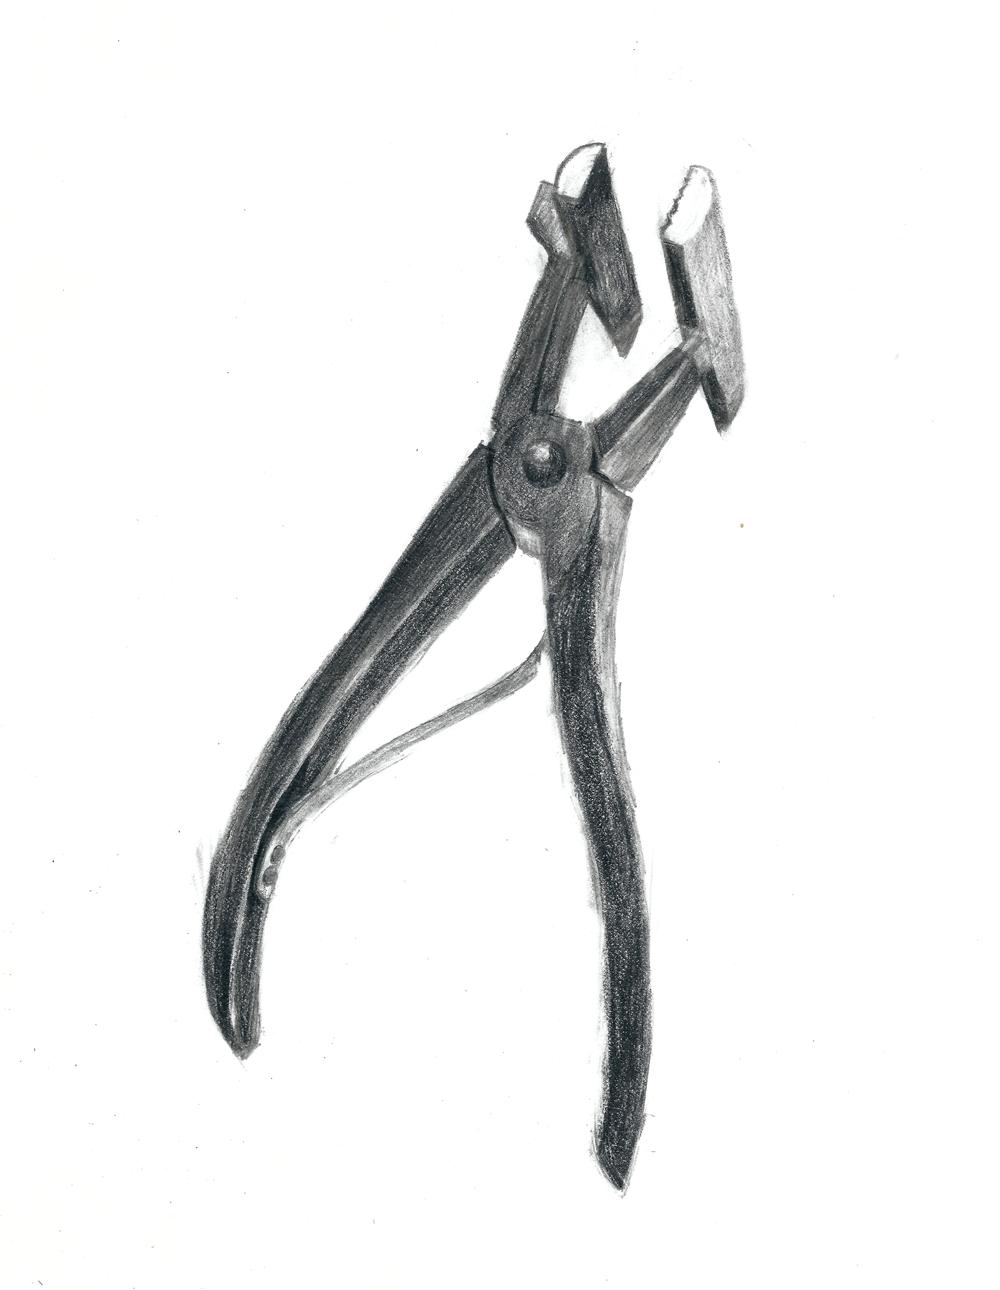 canvas pliers